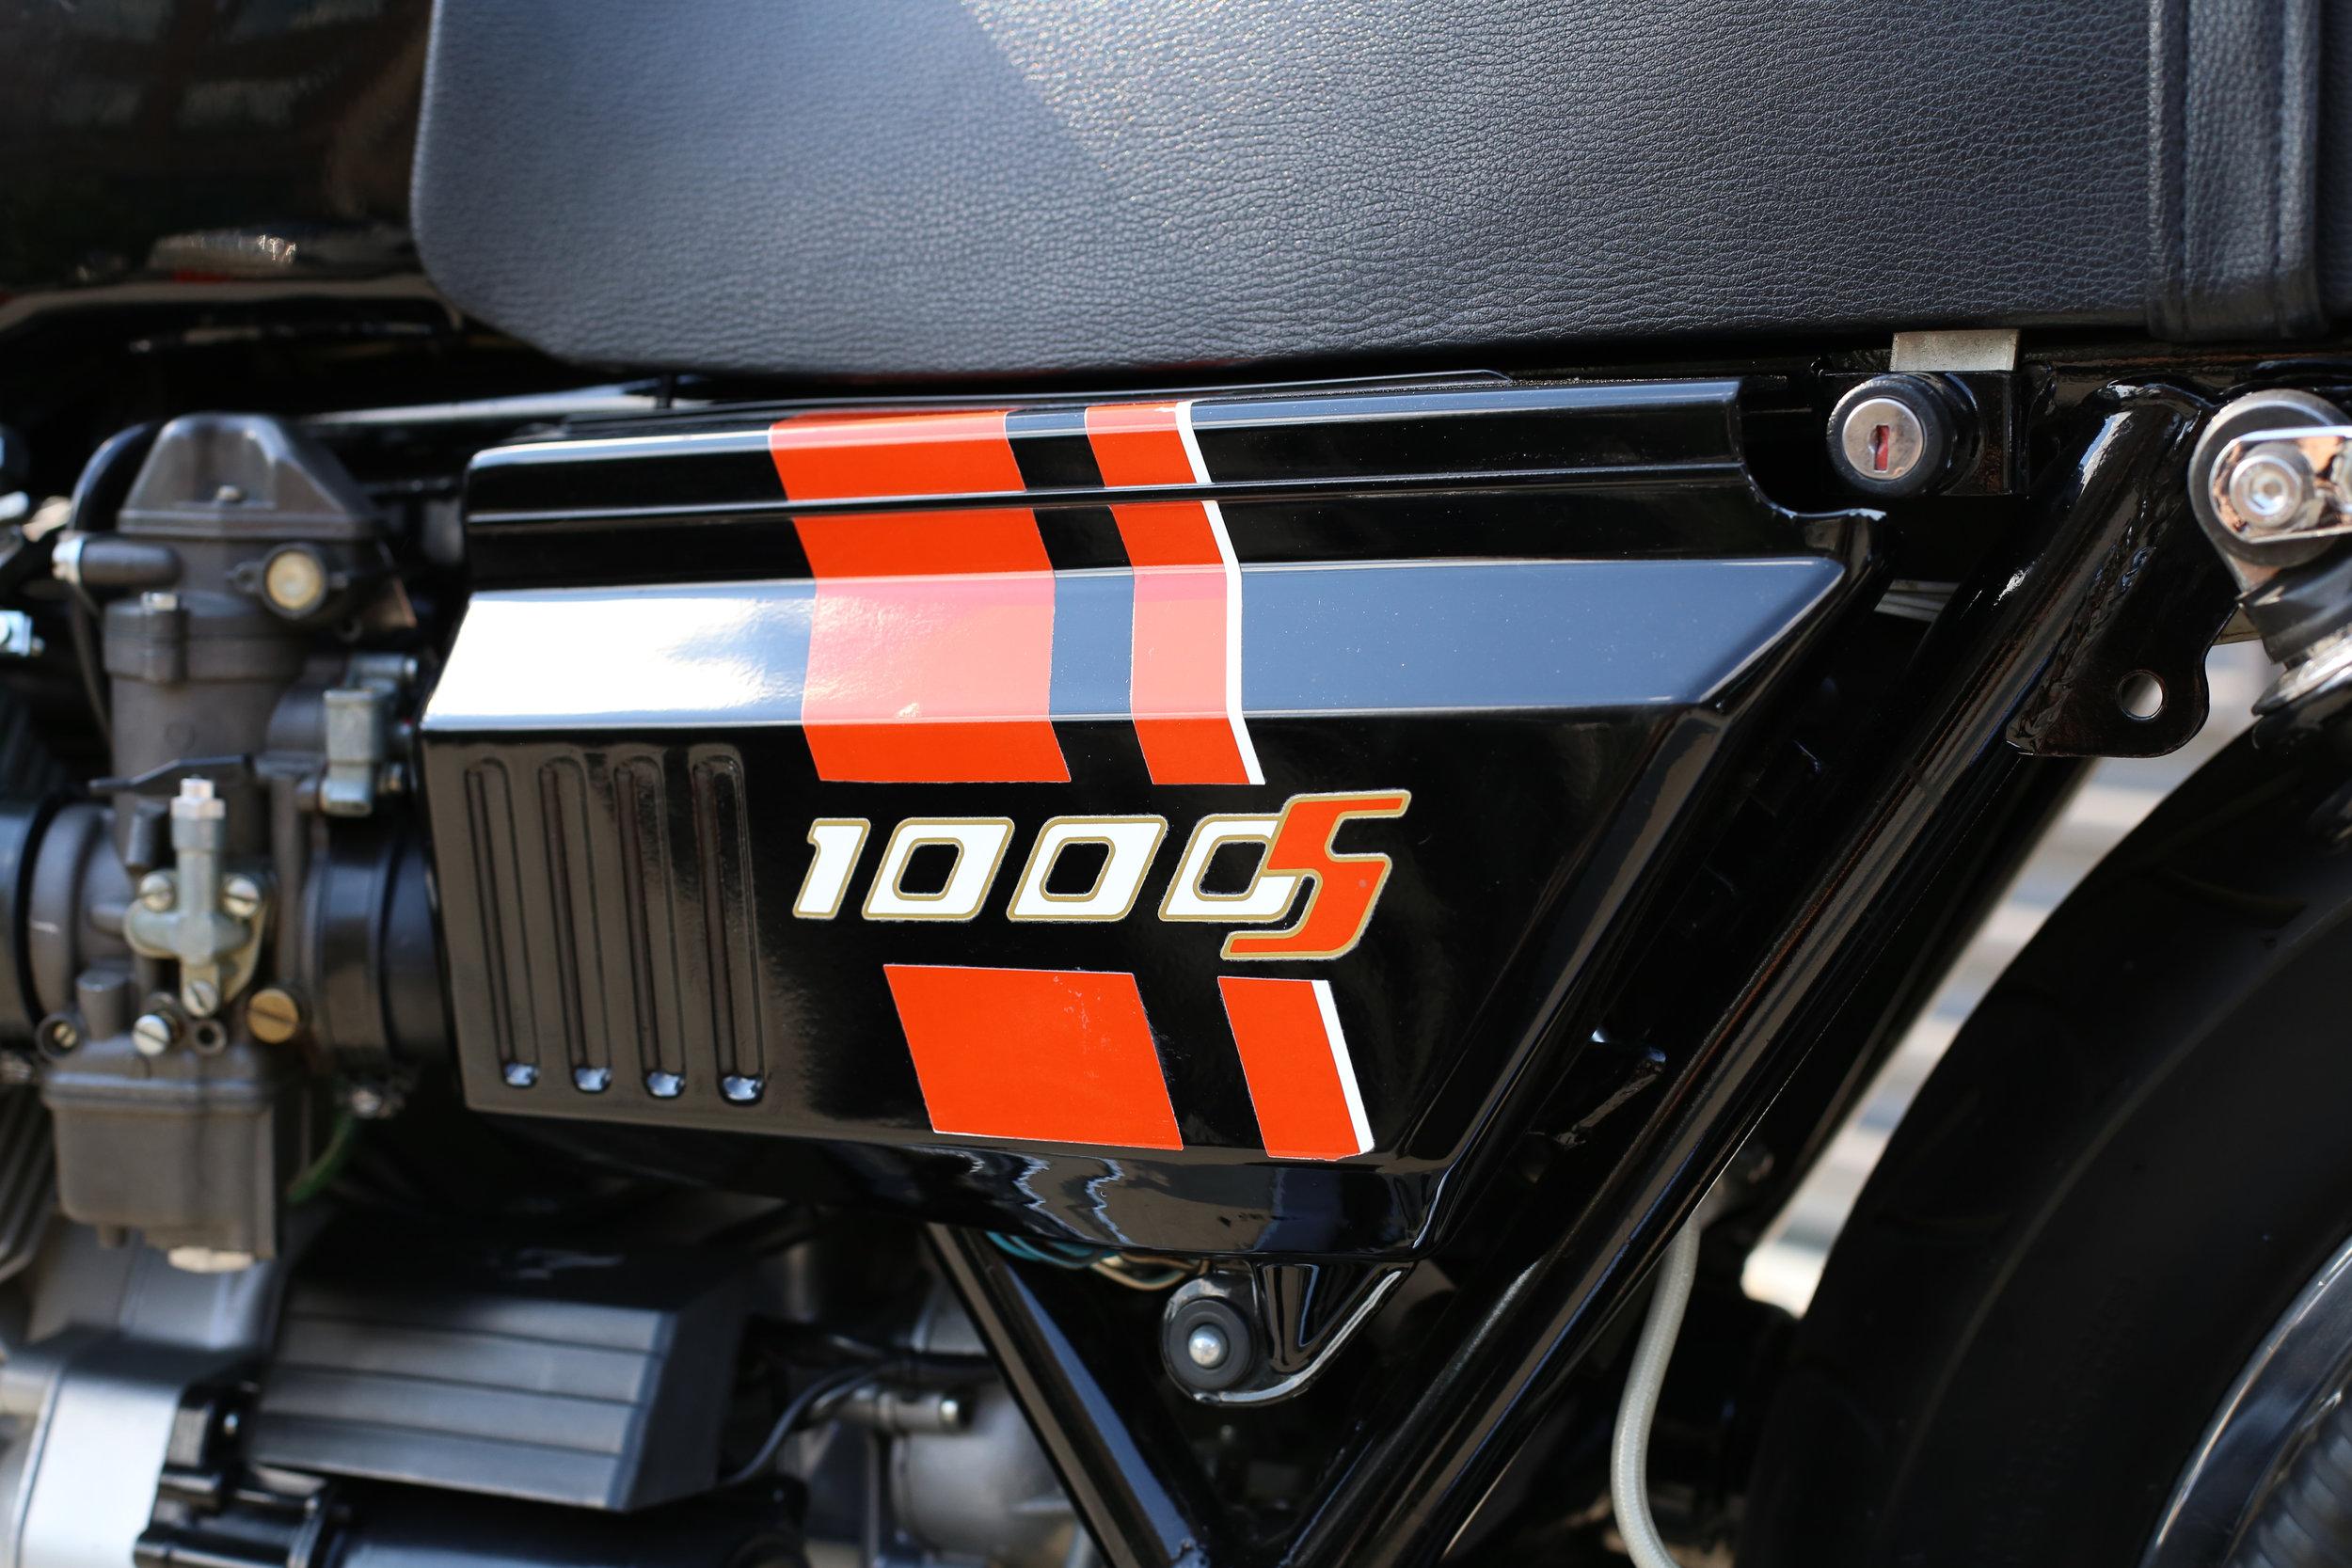 1991 Moto Guzzi 1000S Side Cover